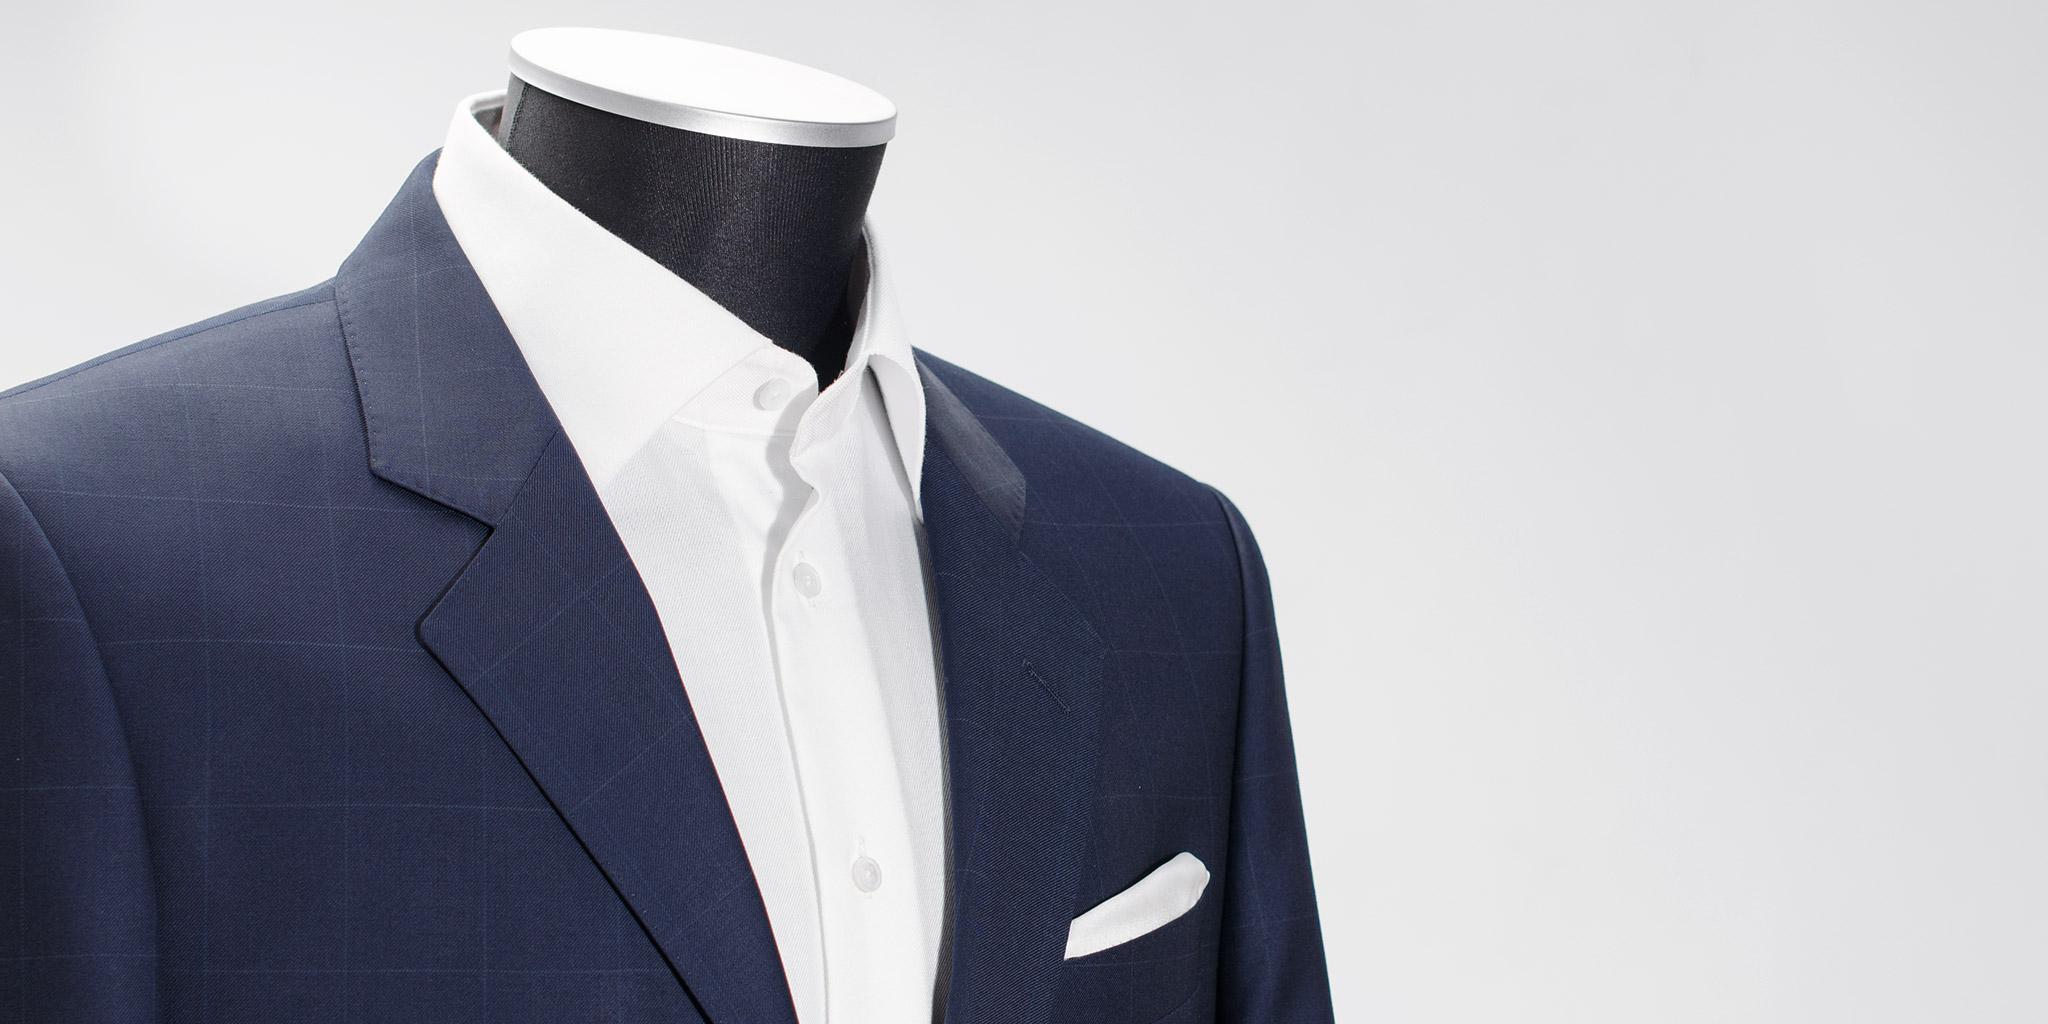 Blå dress med ruter i stoffet Ermenegildo Zegna Traveller Microsphere.